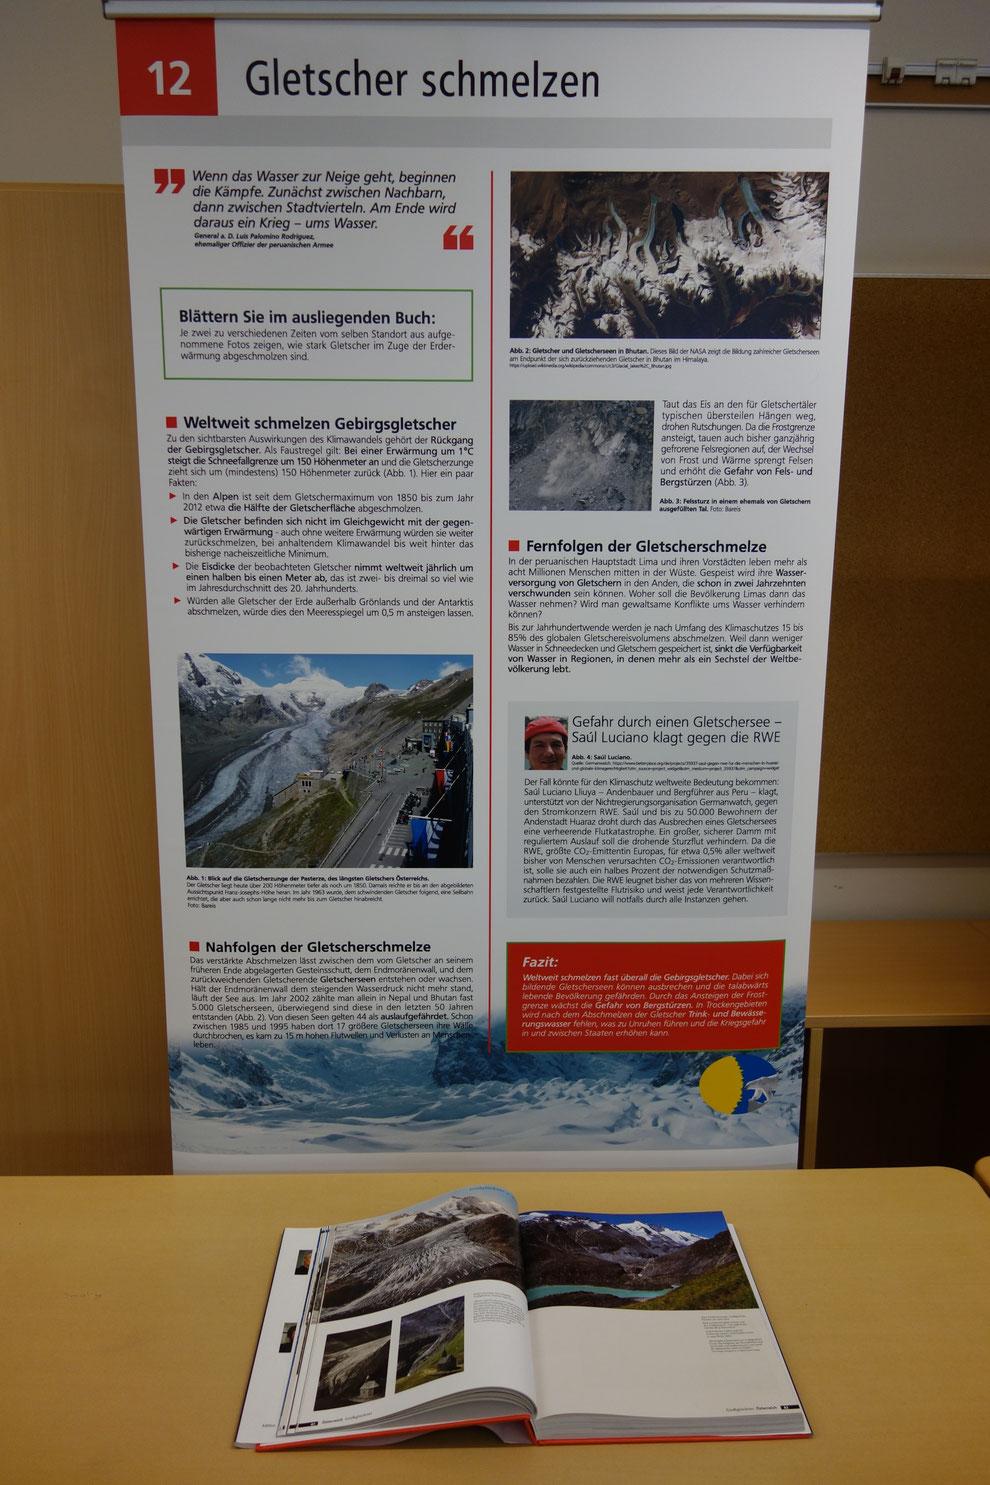 Das Buch zeigt u. a. die Pasterze, den größten Gletscher Österreichs, vom gleichen Standort aus mit einem Zeitunterschied von 70 Jahren.